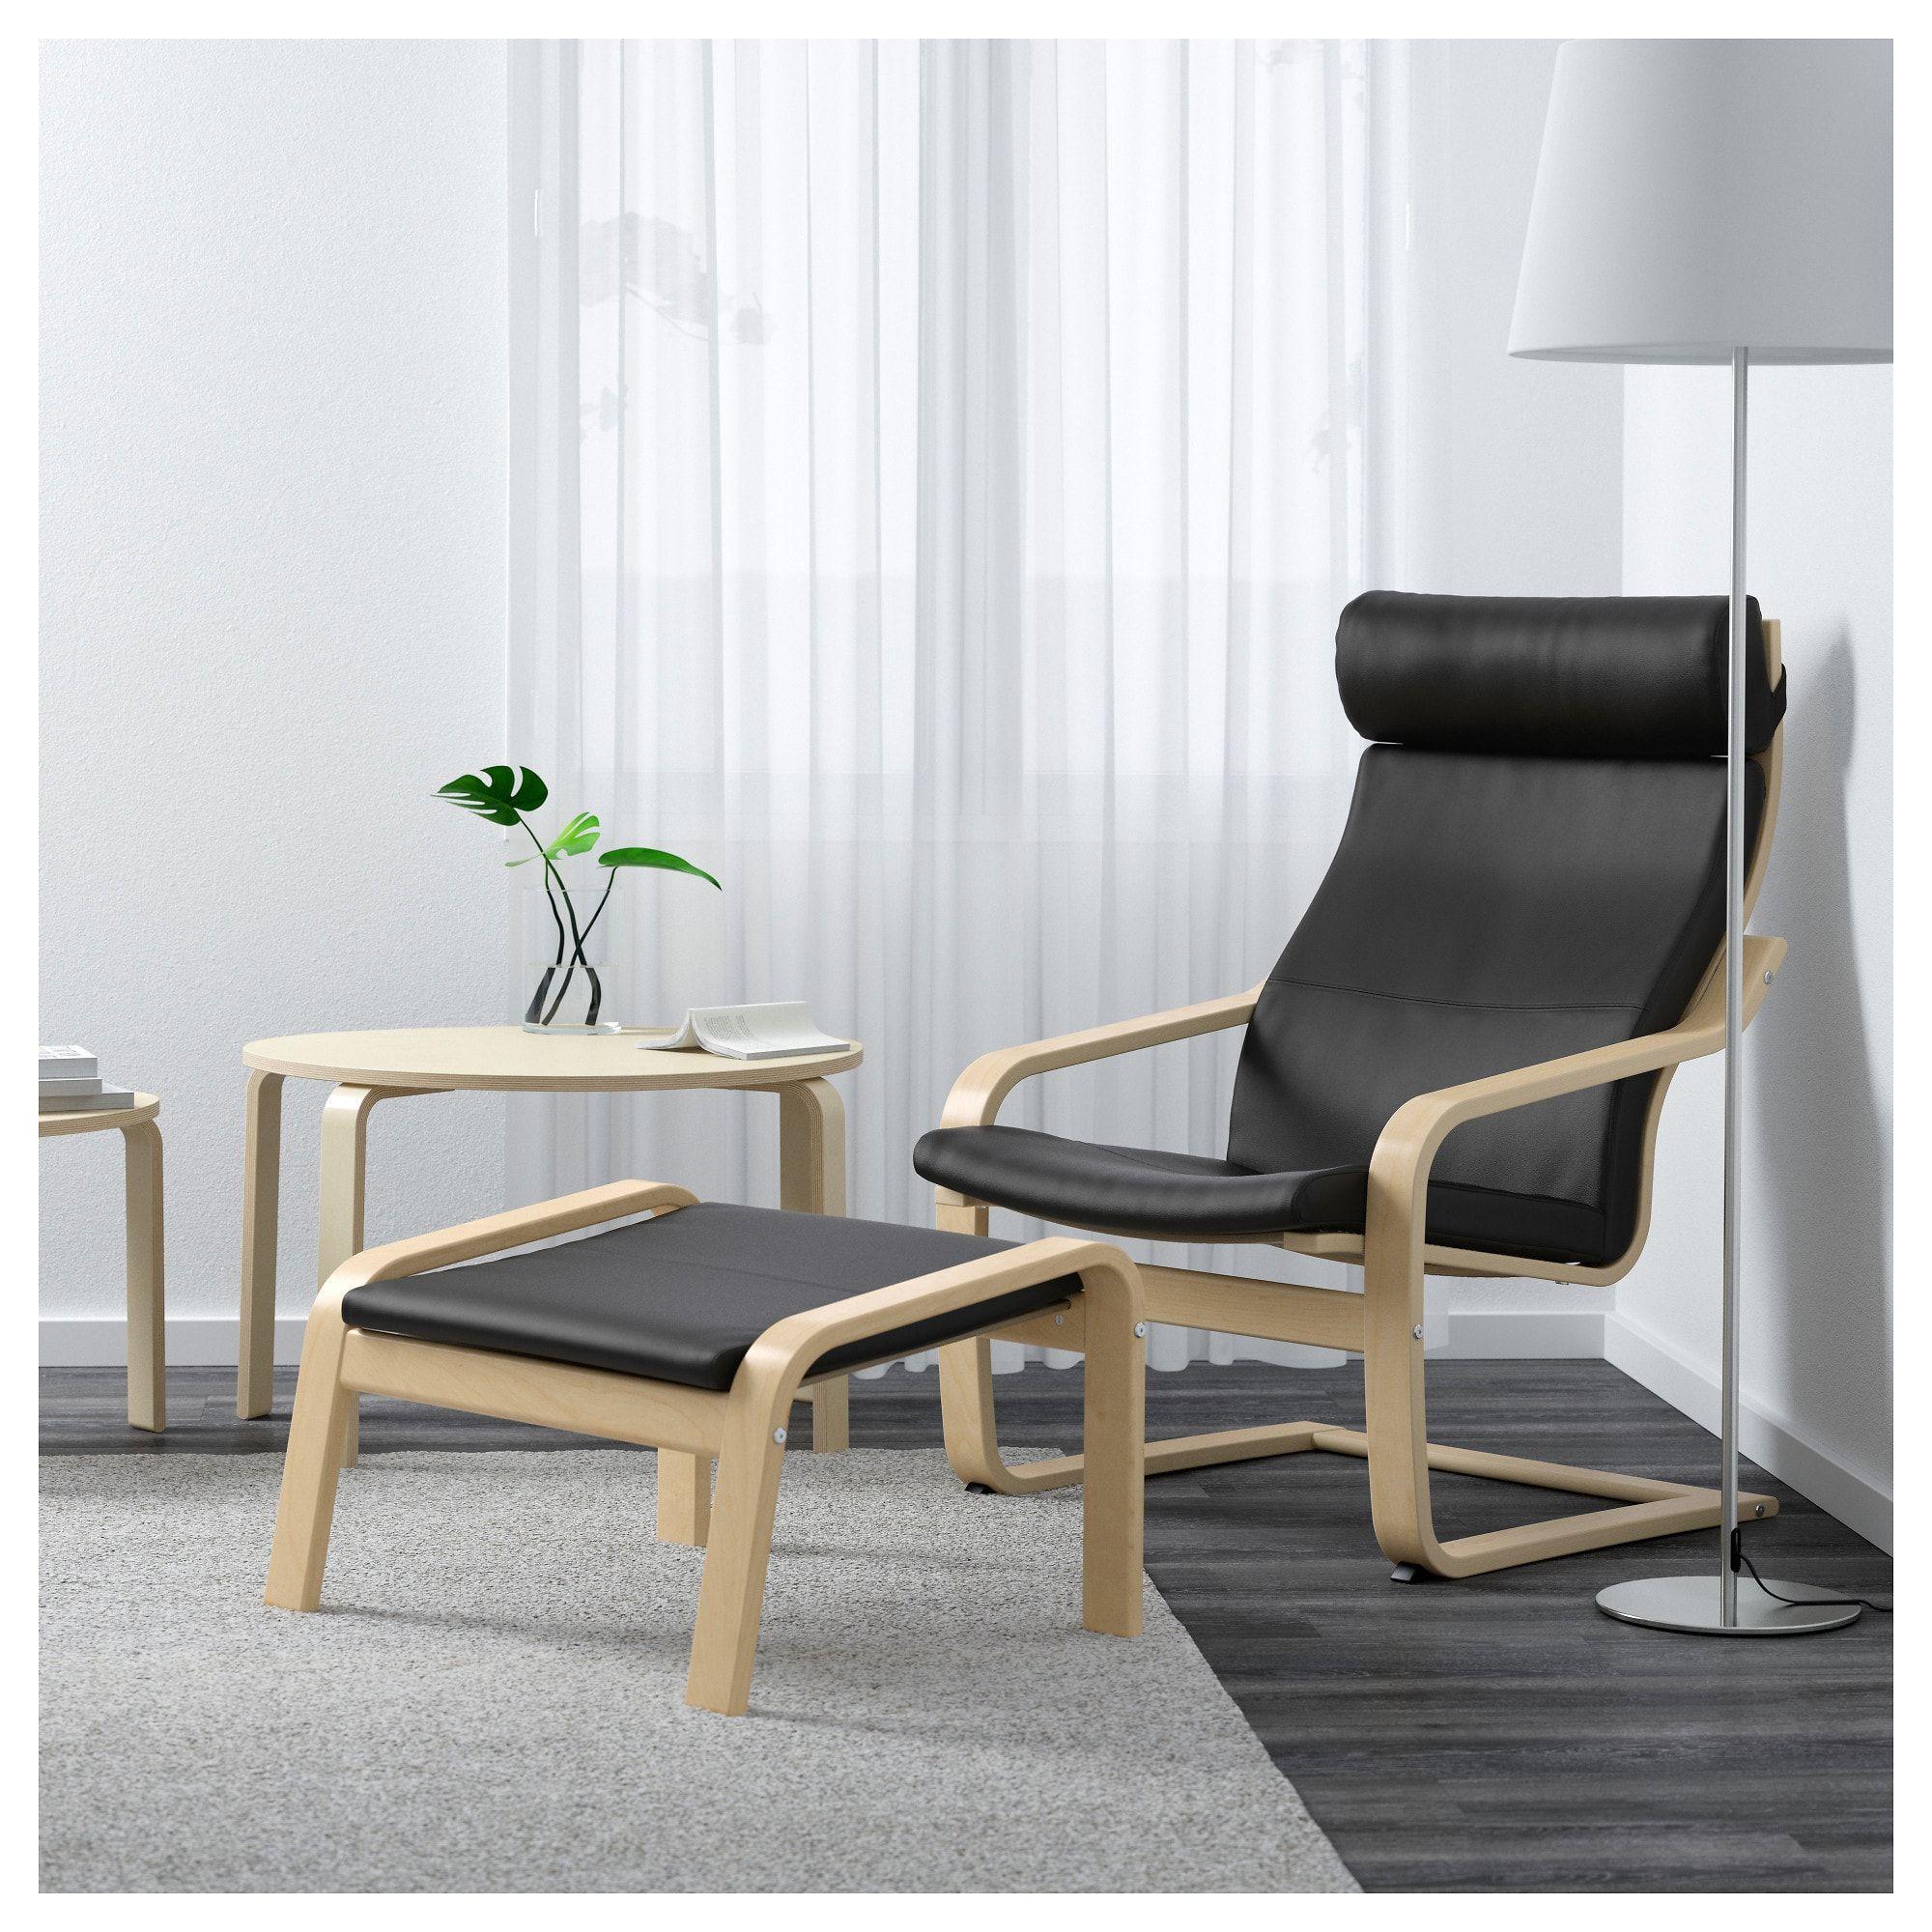 Poäng Hocker Birkenfurnier Smidig Schwarz In 2019 Products